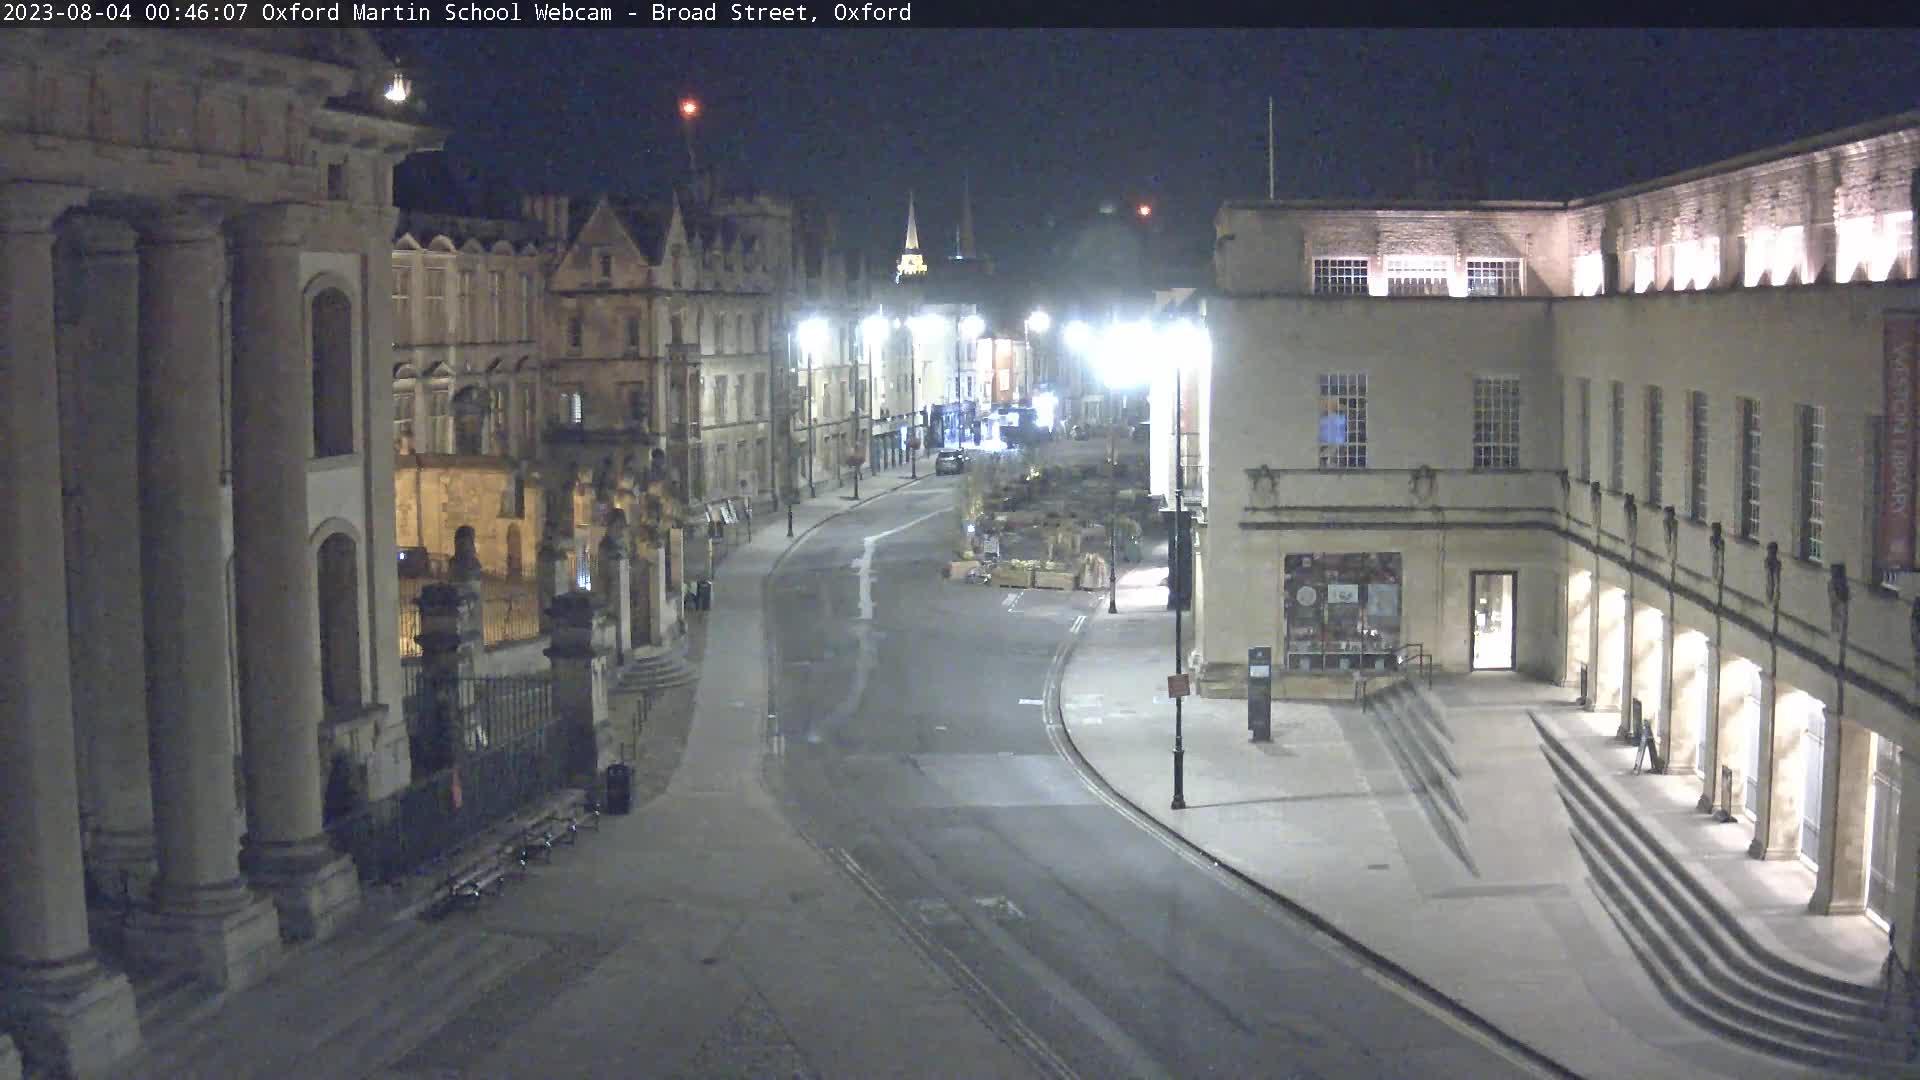 Oxford Sun. 00:46